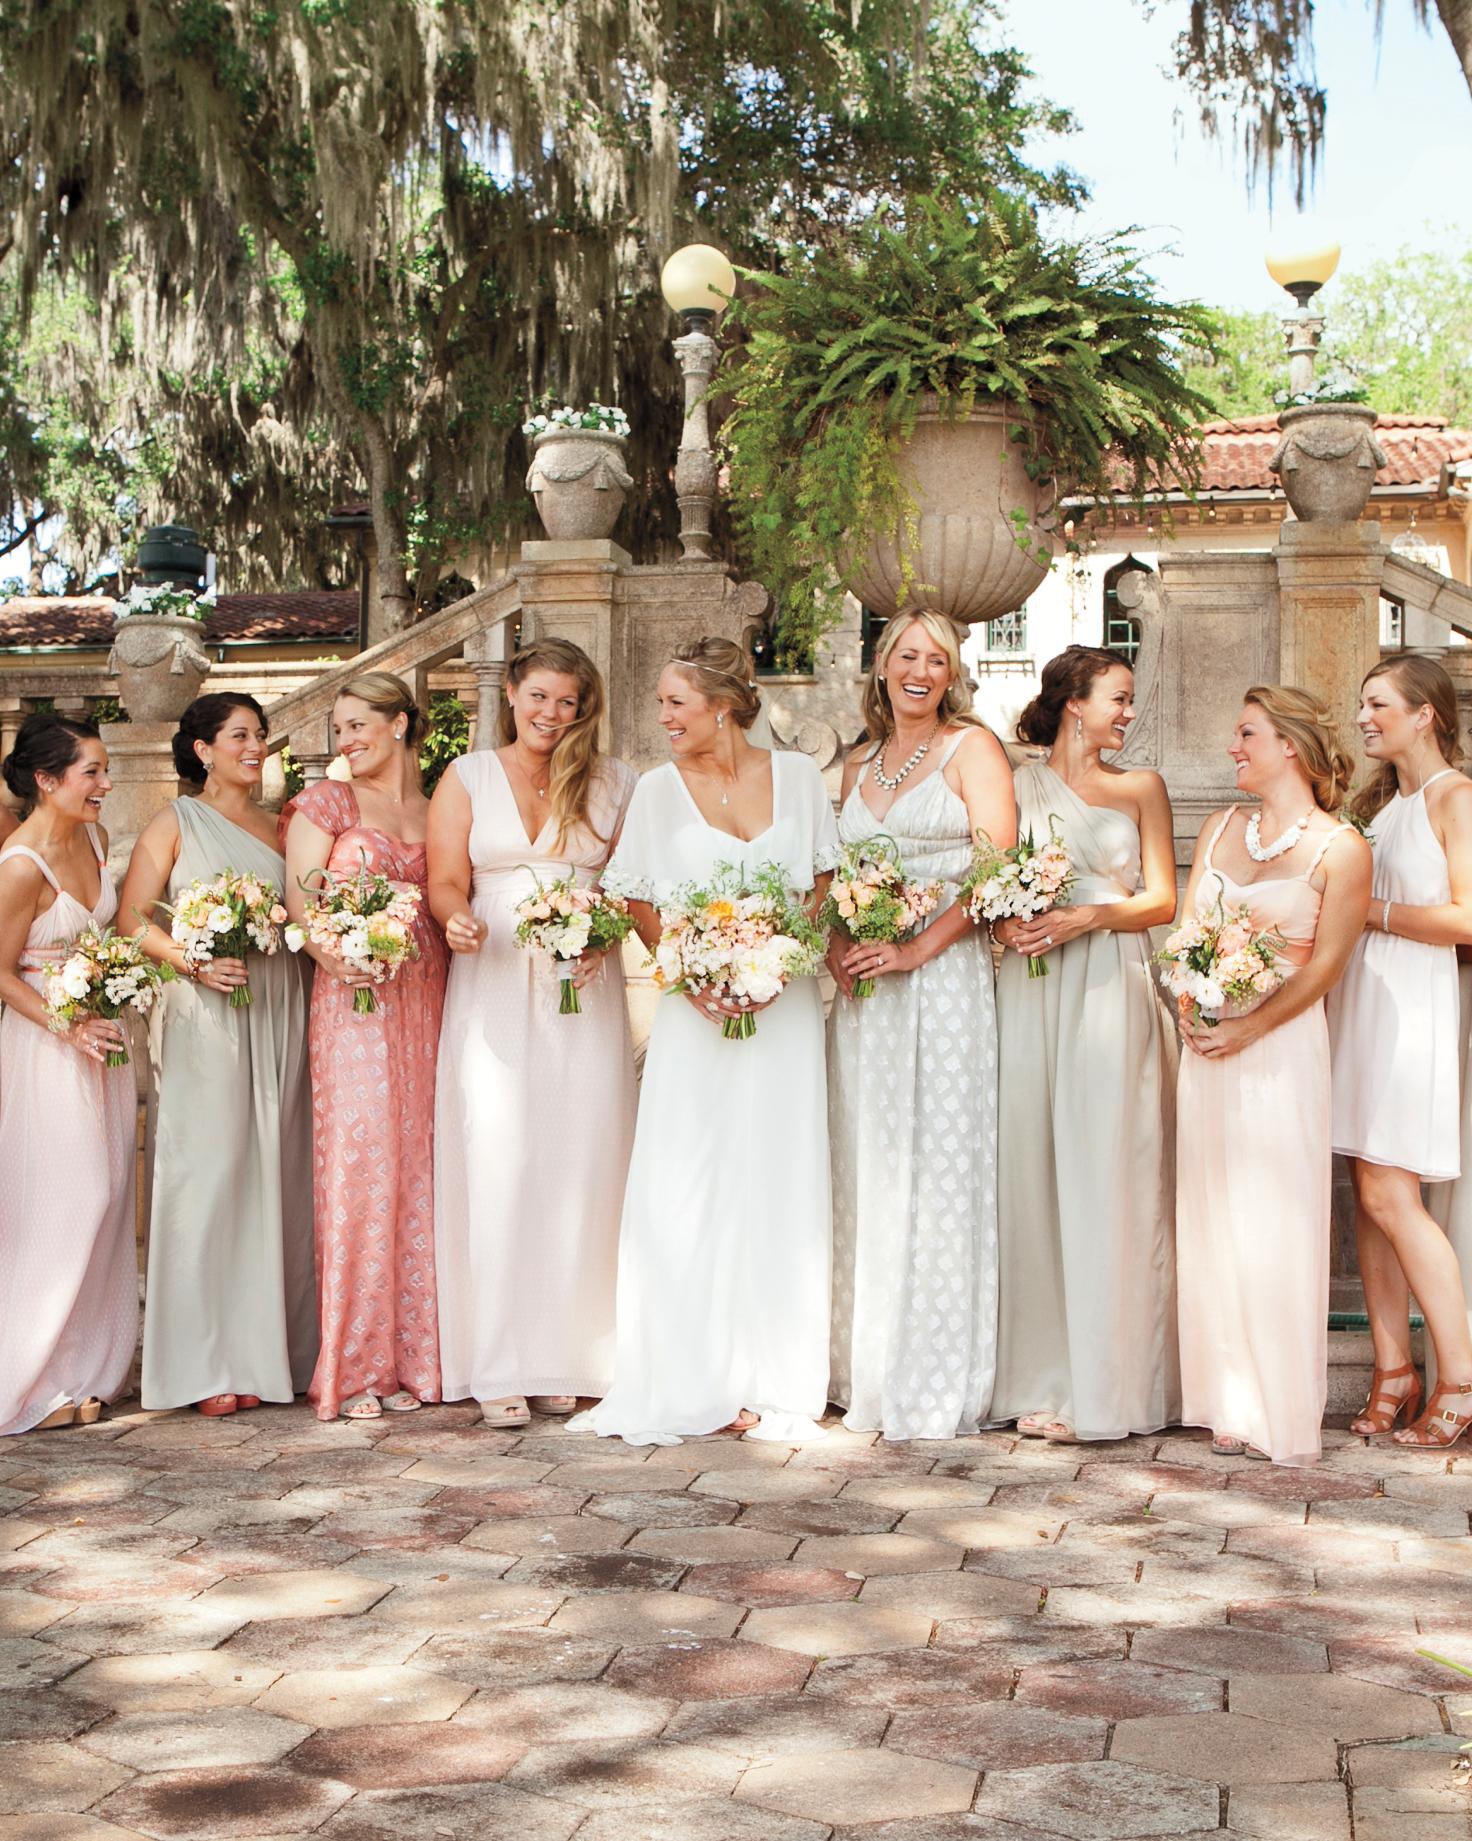 allison-tyler-bridesmaids-0660-mwds110384.jpg